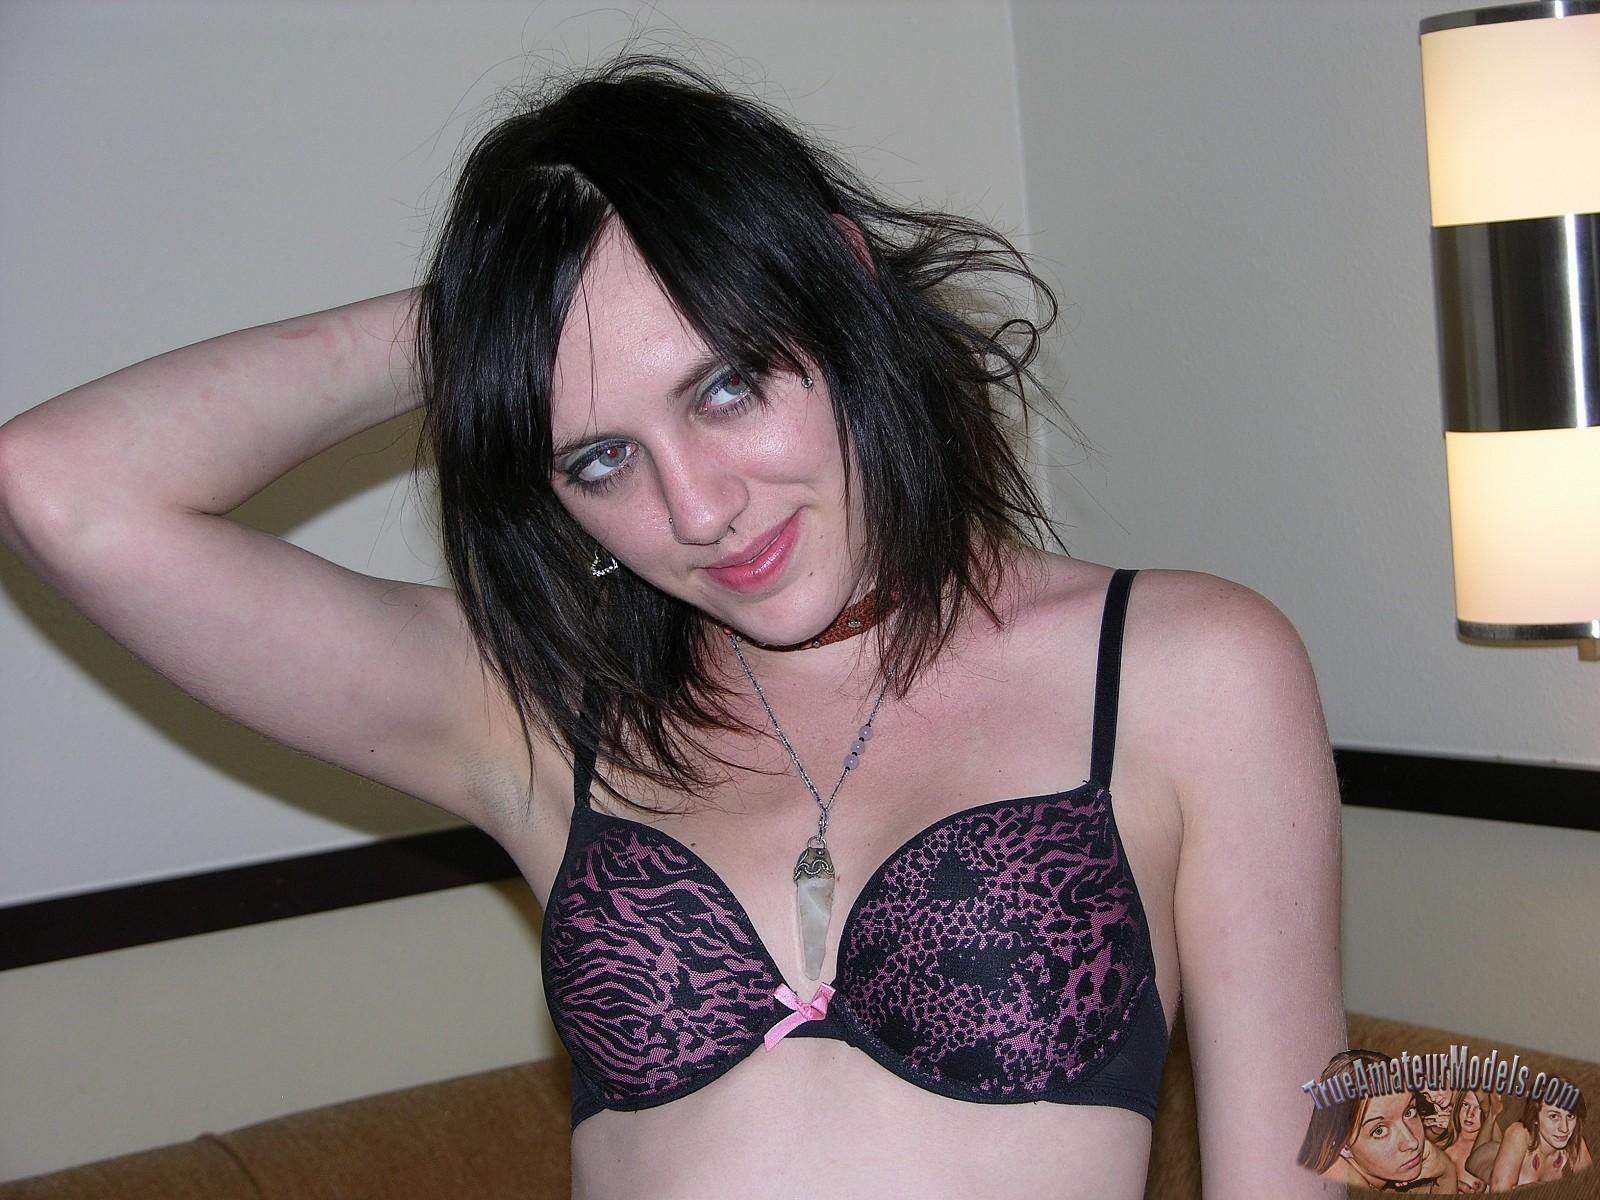 Exgirlfriend lesbian gallery